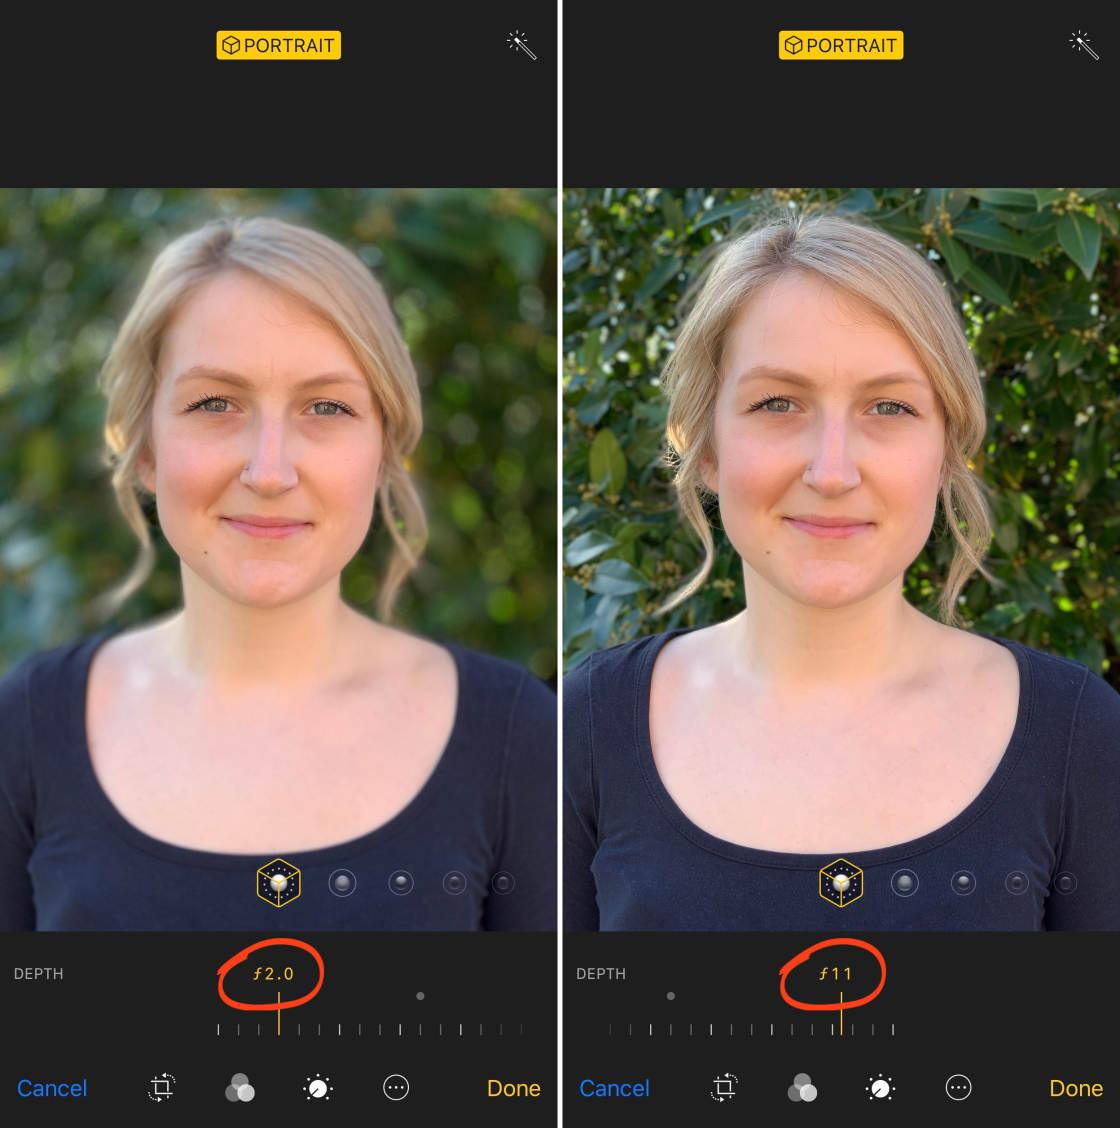 portre-t-vs-norma-lni-fotka-1576536035